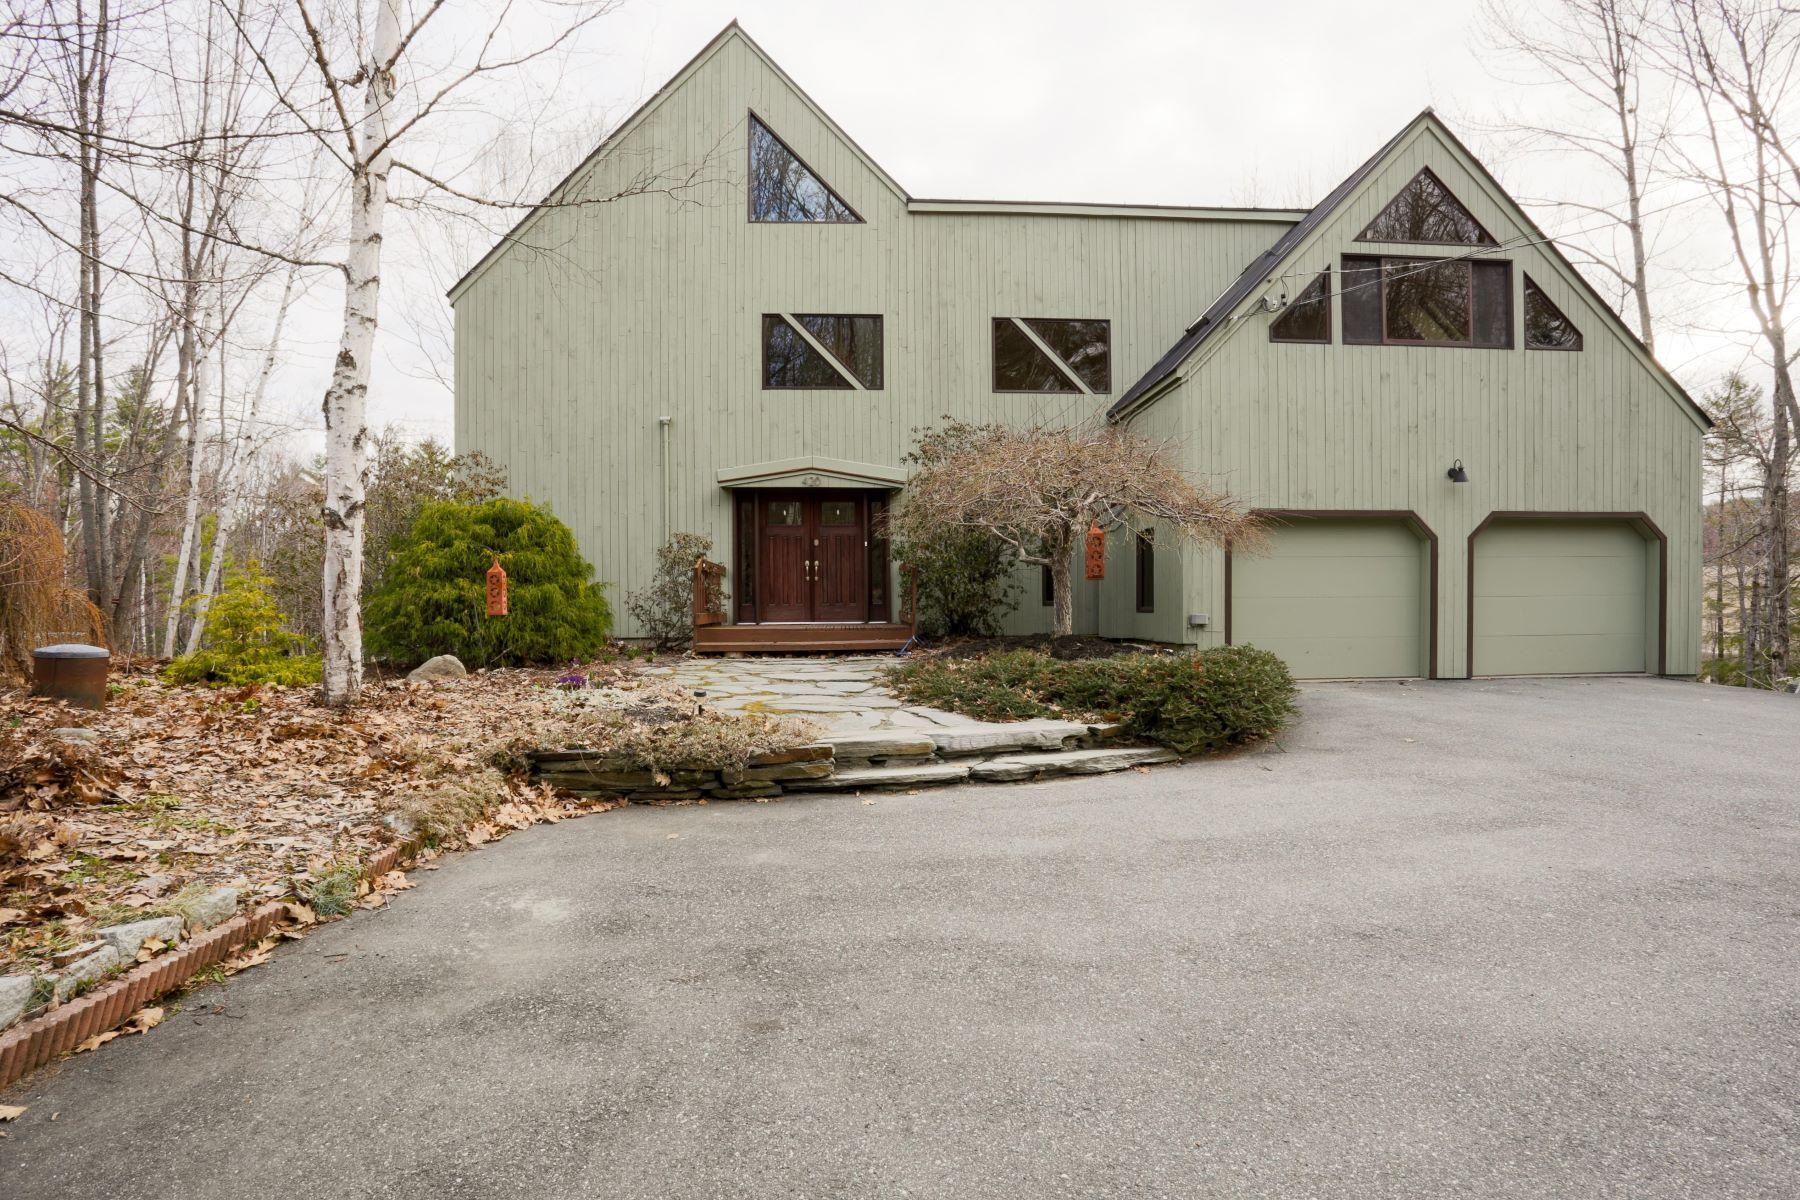 Tek Ailelik Ev için Satış at Gourmet kitchen, gardens, spacious 420 Dogford Hanover, New Hampshire, 03755 Amerika Birleşik Devletleri